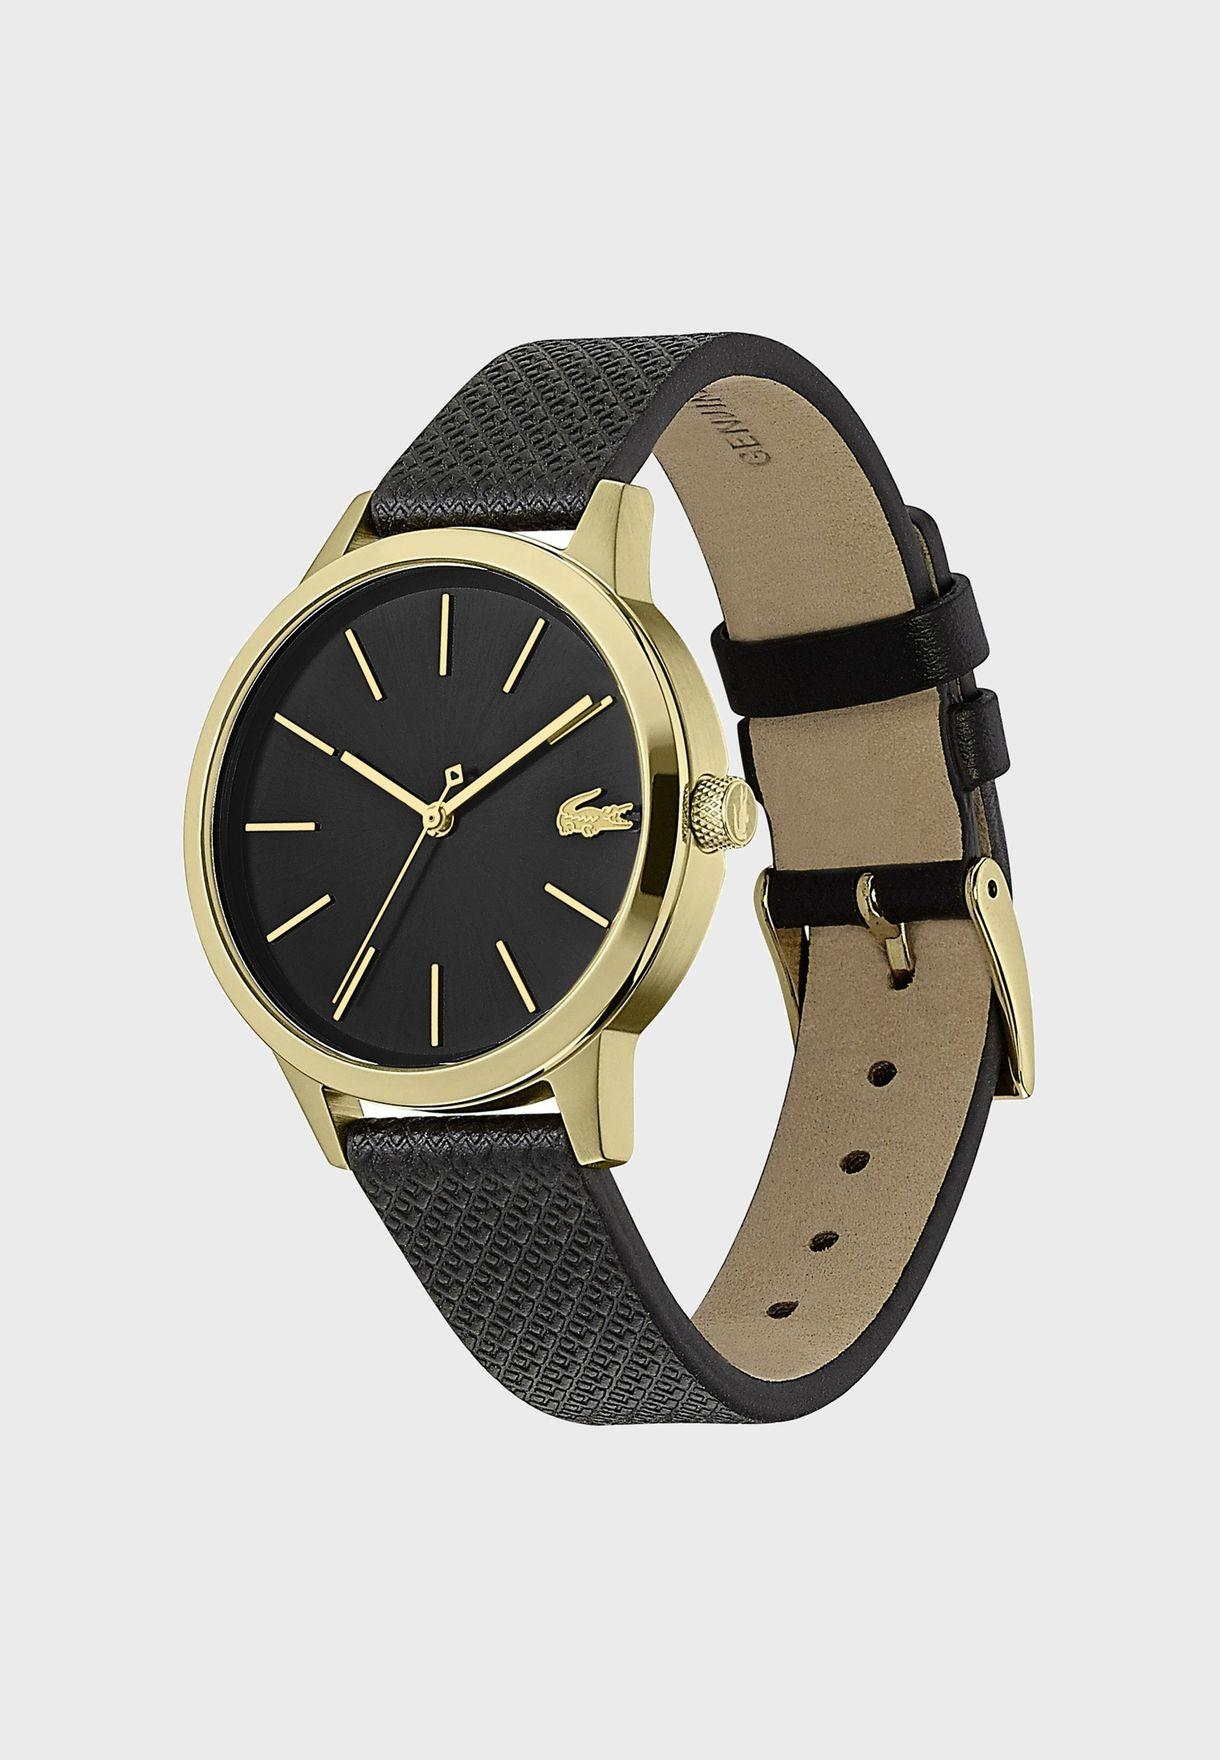 ساعة لاكوست L12.12 بسوار جلدي للنساء - 2001090